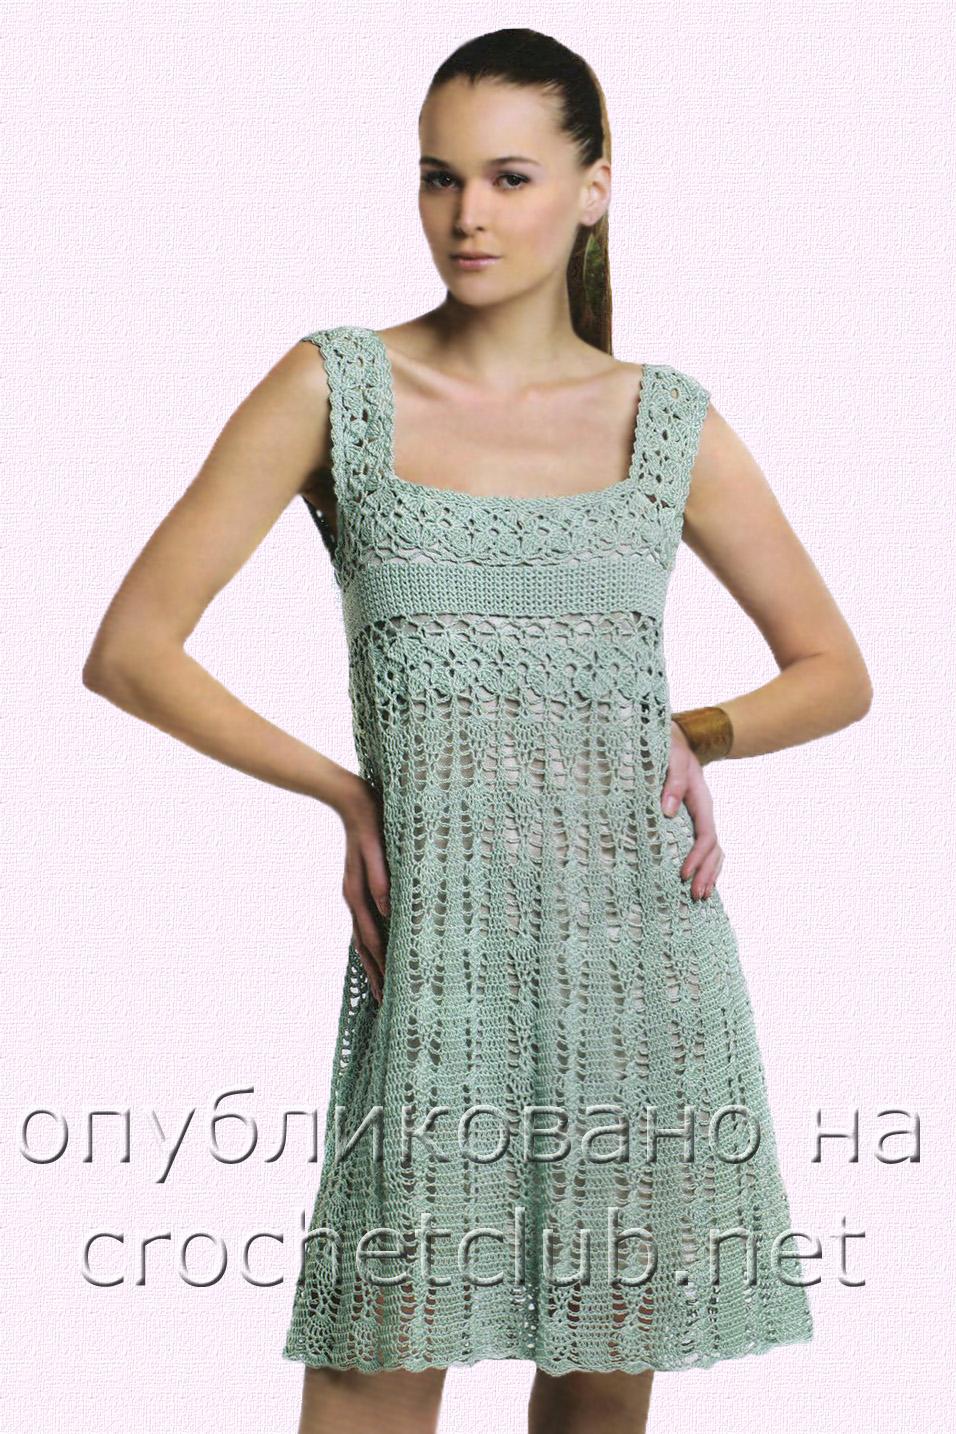 Вязание крючком. Платья, сарафаны, юбки, костюмы. Валентина Евтушенко 18